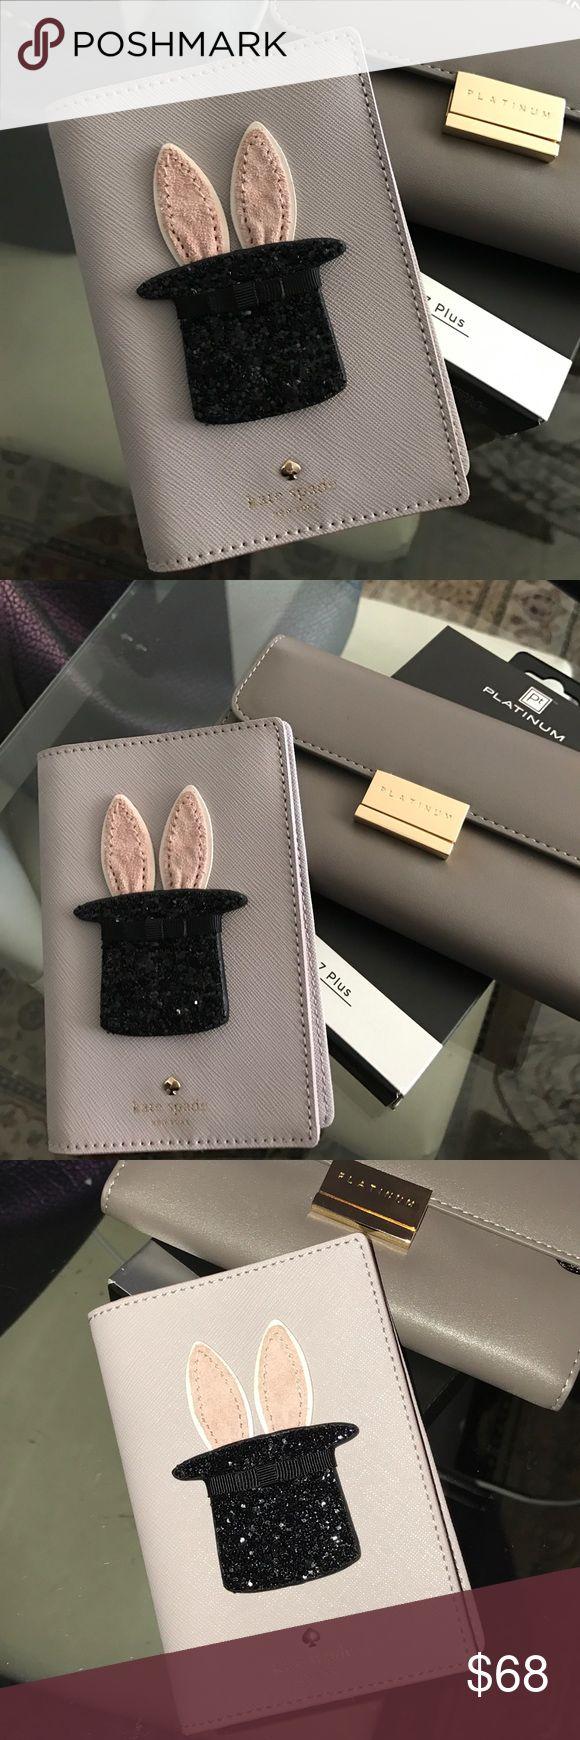 Kate Spade Magic Bunny Passport Card Wallet Kate spade leather passport wallet $80 kate spade Bags Wallets